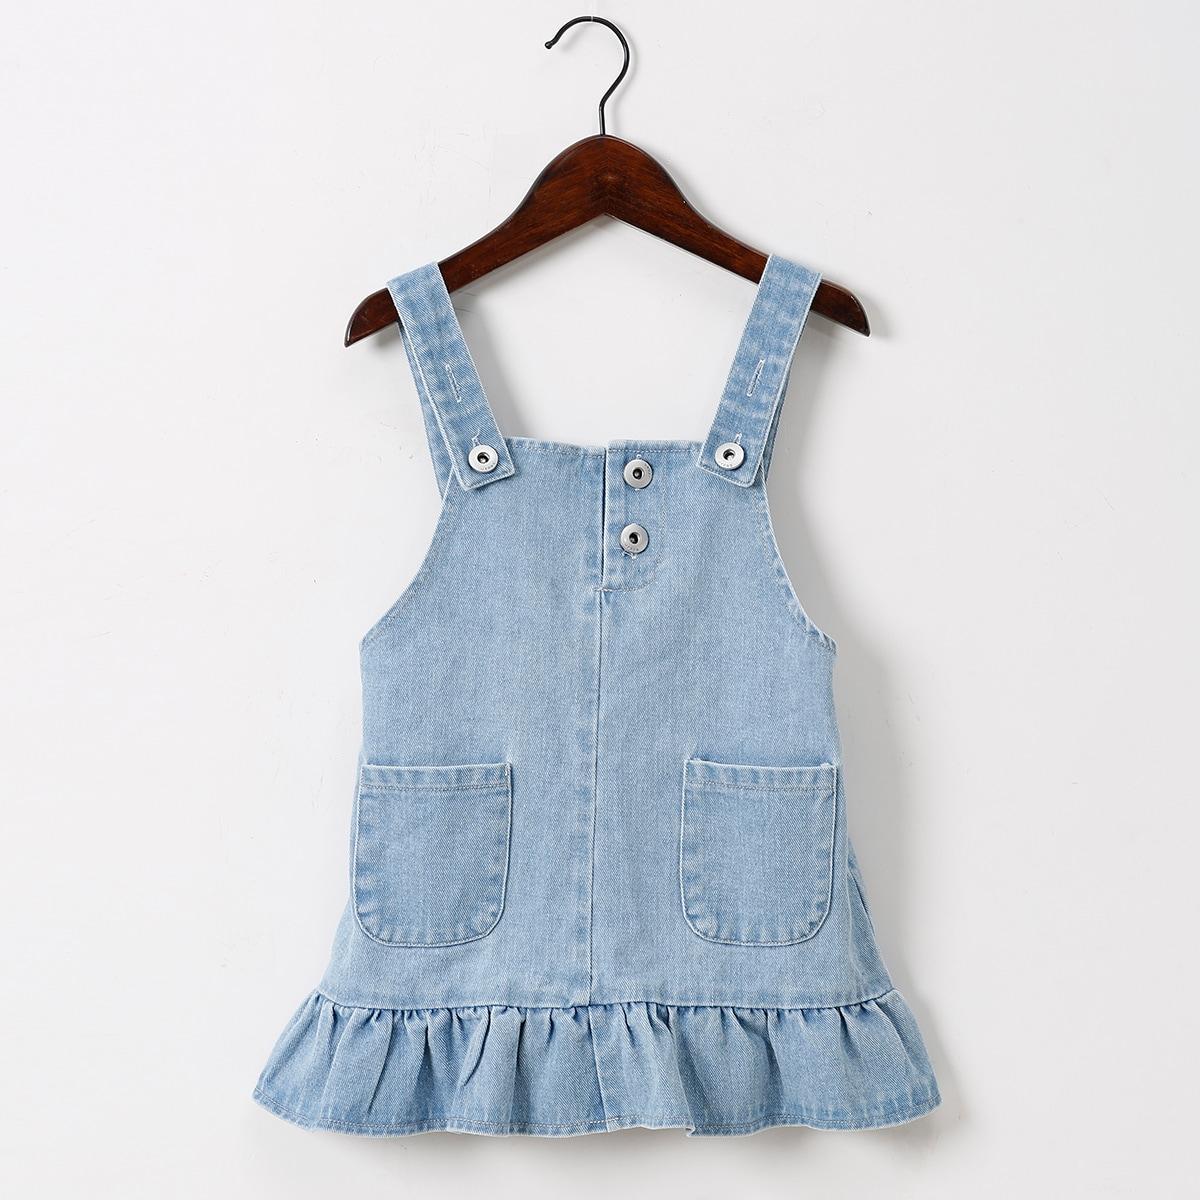 для девочек Платье-сарафан с карманами с оборками джинсовый SheIn sK210513183946633